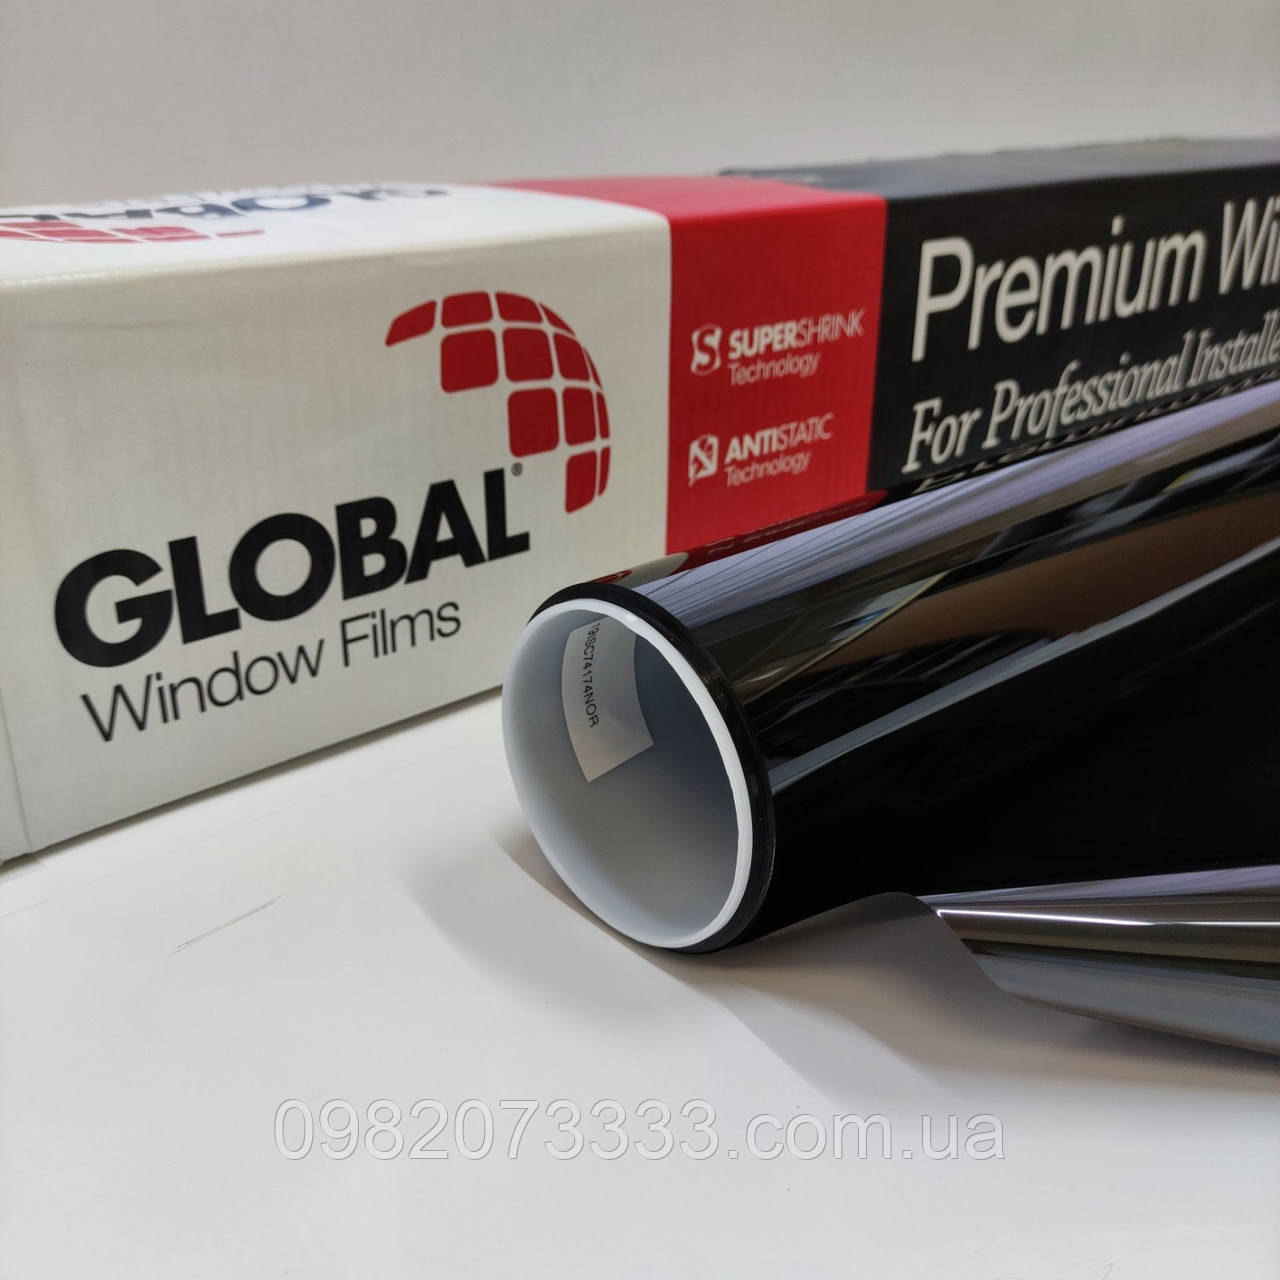 Автомобильная пленка HPI CH 05 ширина 1,524 (США) Global тонировочная. Тонировка авто. Глобал (цена за кв.м)